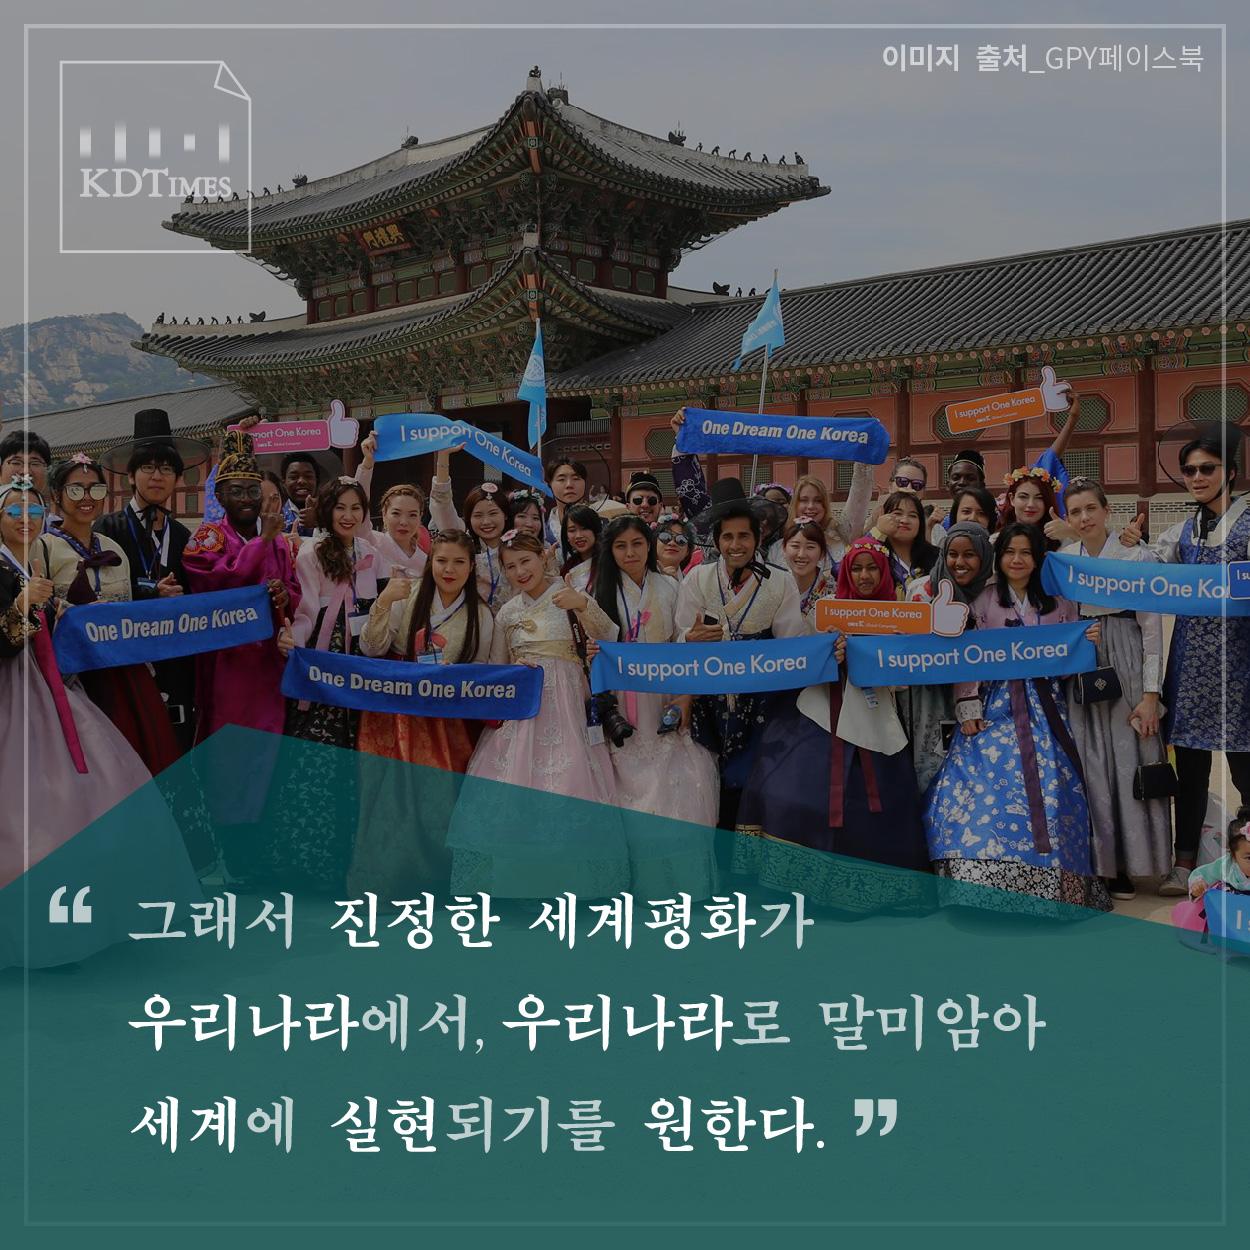 180327 김구의코리안드림-03.jpg